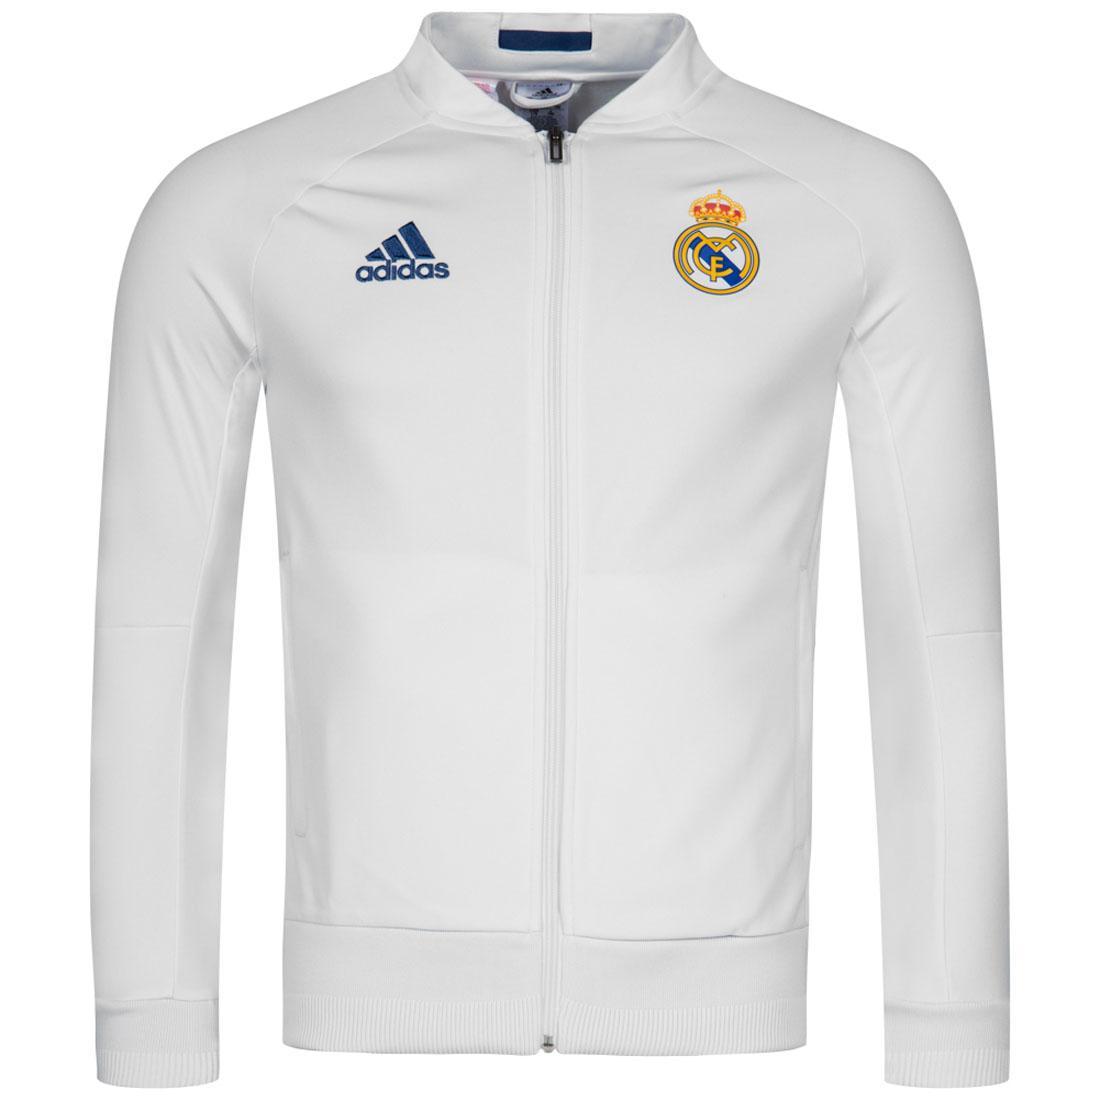 Adidas Real Madrid niños chaqueta blanco formación superior 2016 2017 13-14  años a5298bd536654